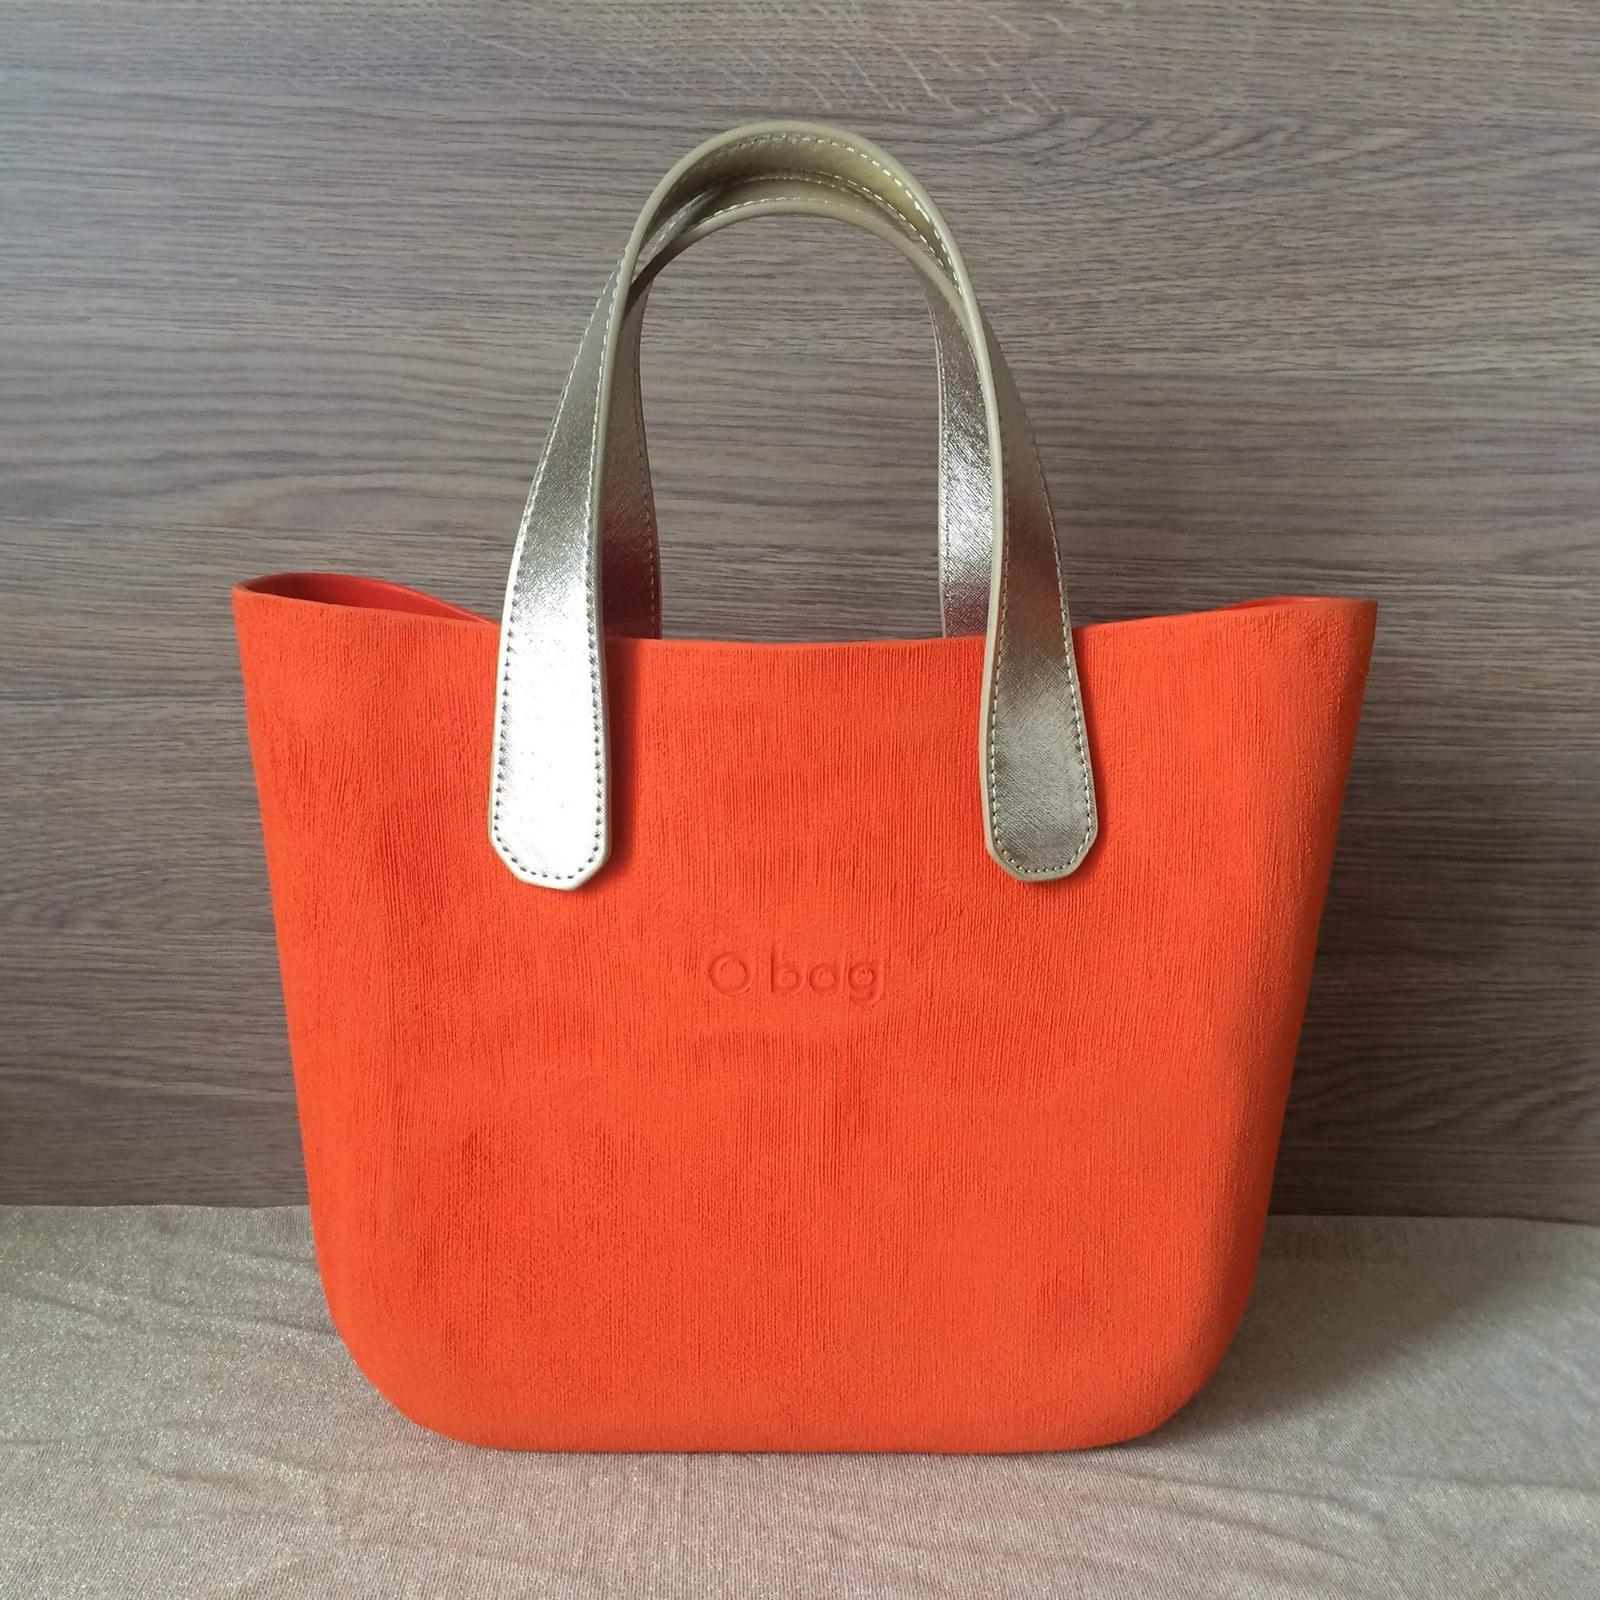 8b2820d7fb Obag mini brush apricot